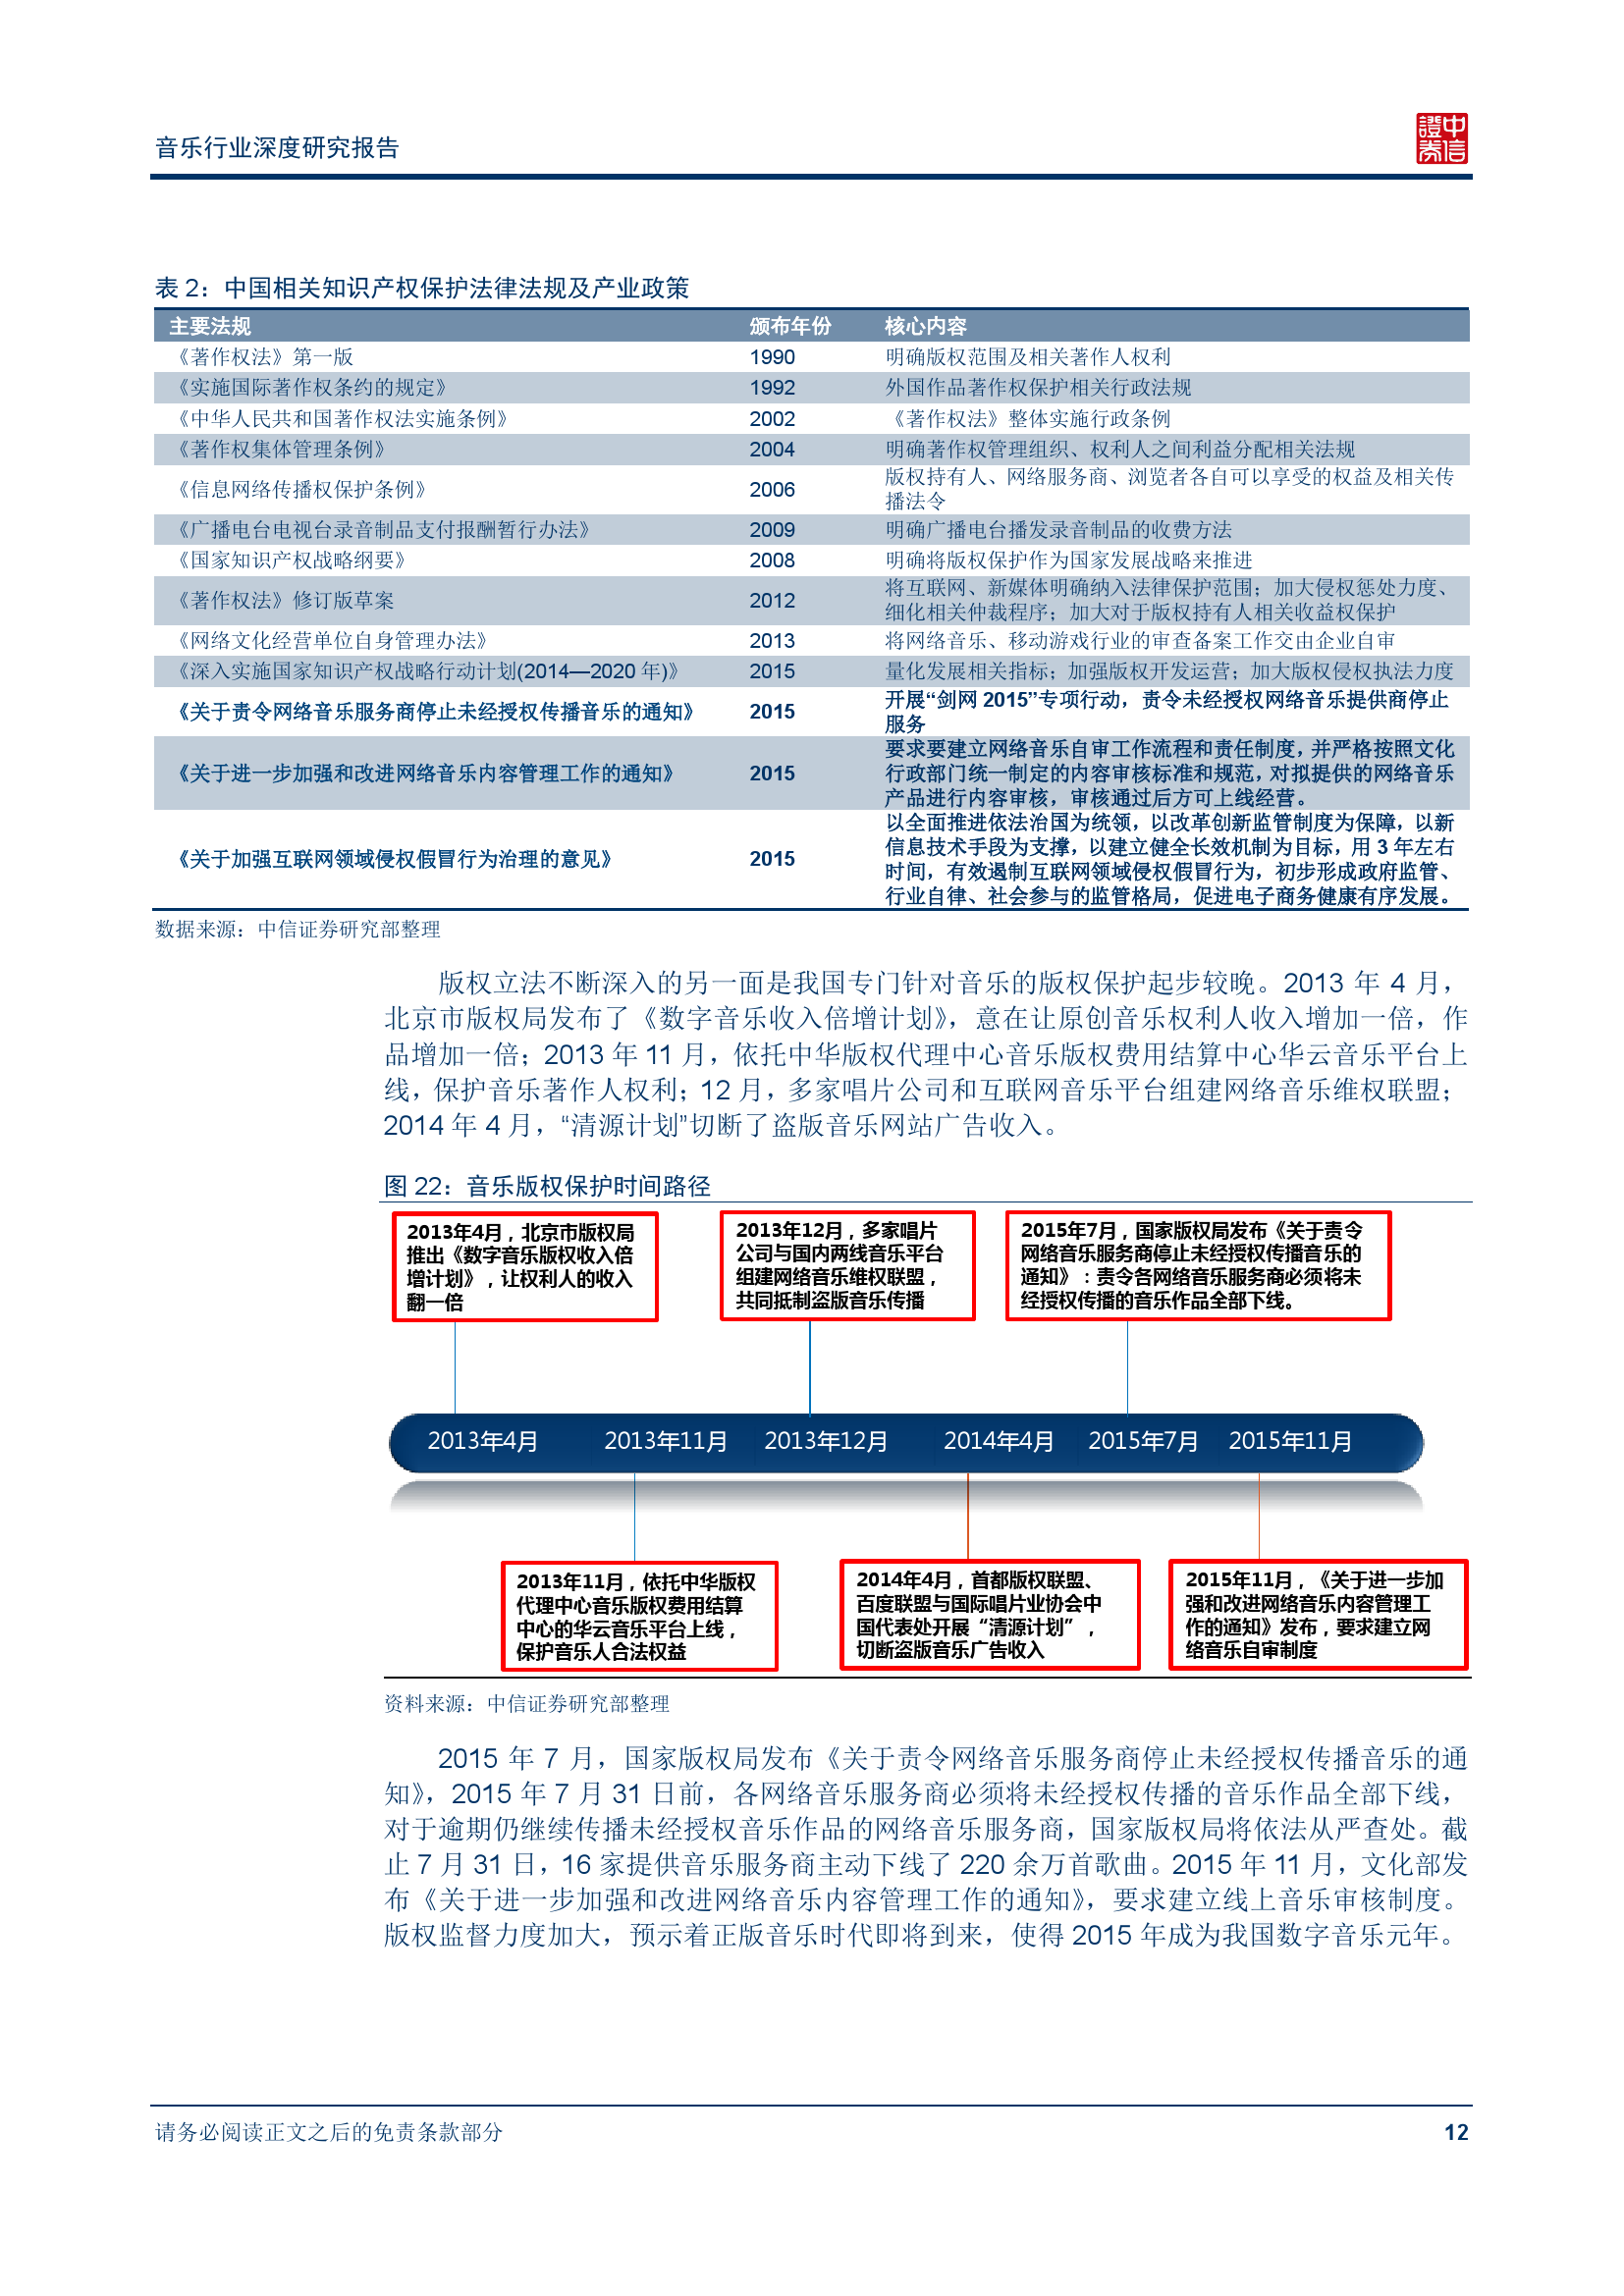 中信证券音乐行业深度研究报告_000017